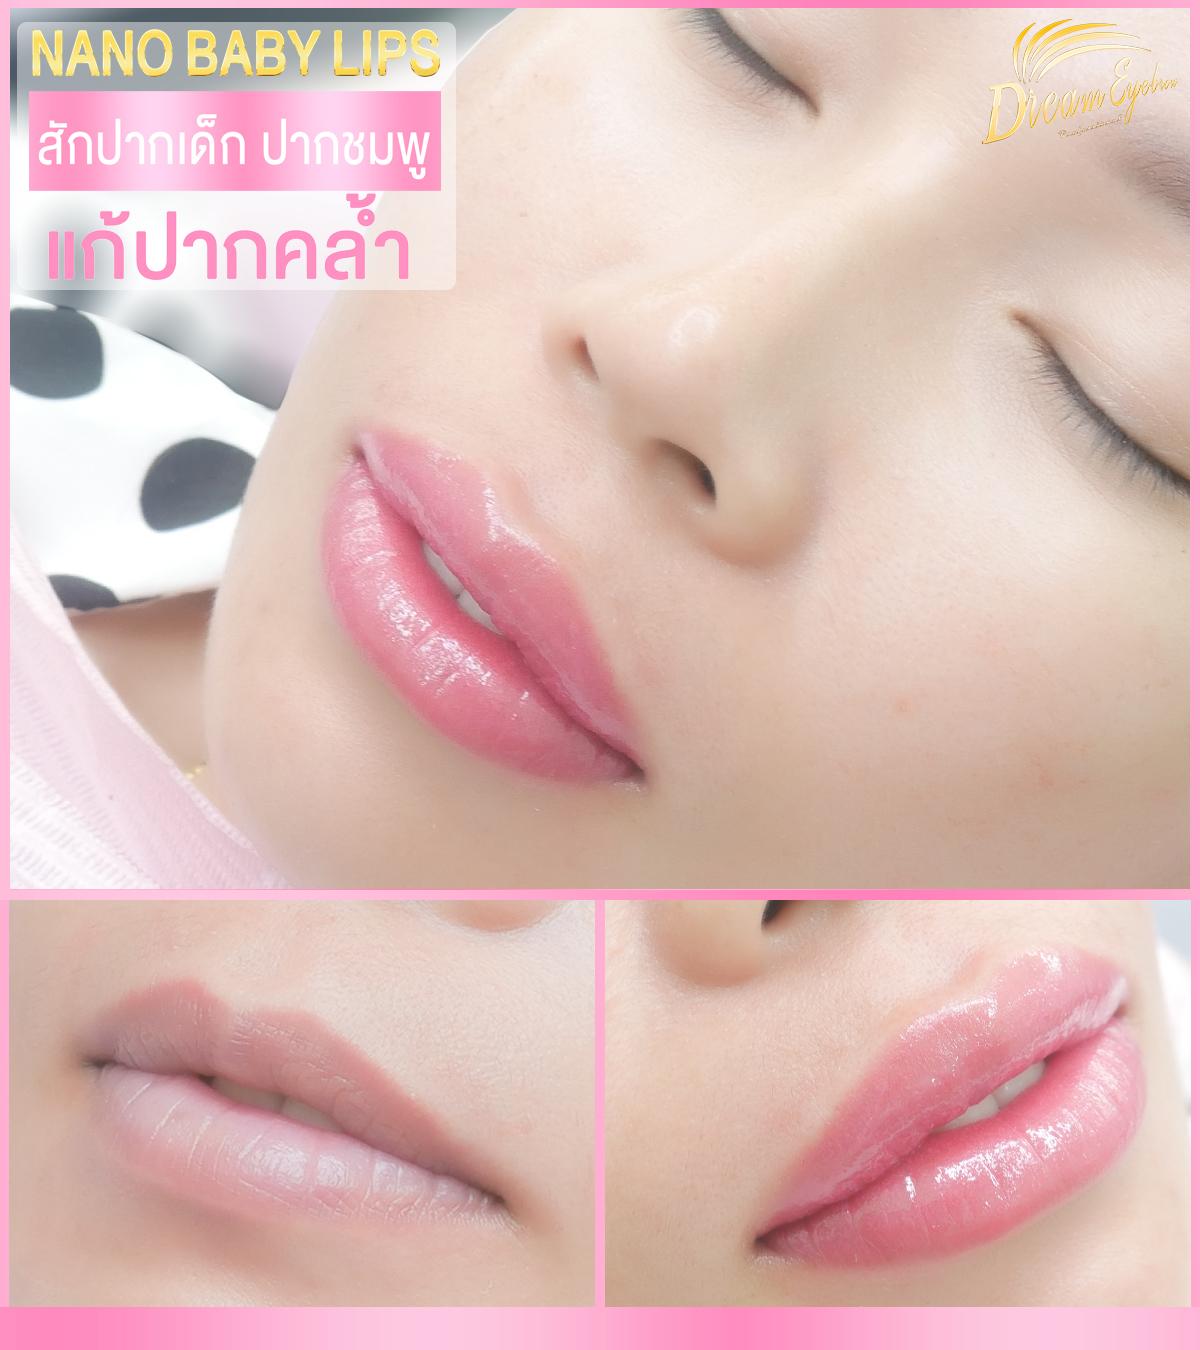 ฝังสีปาก nano baby lips